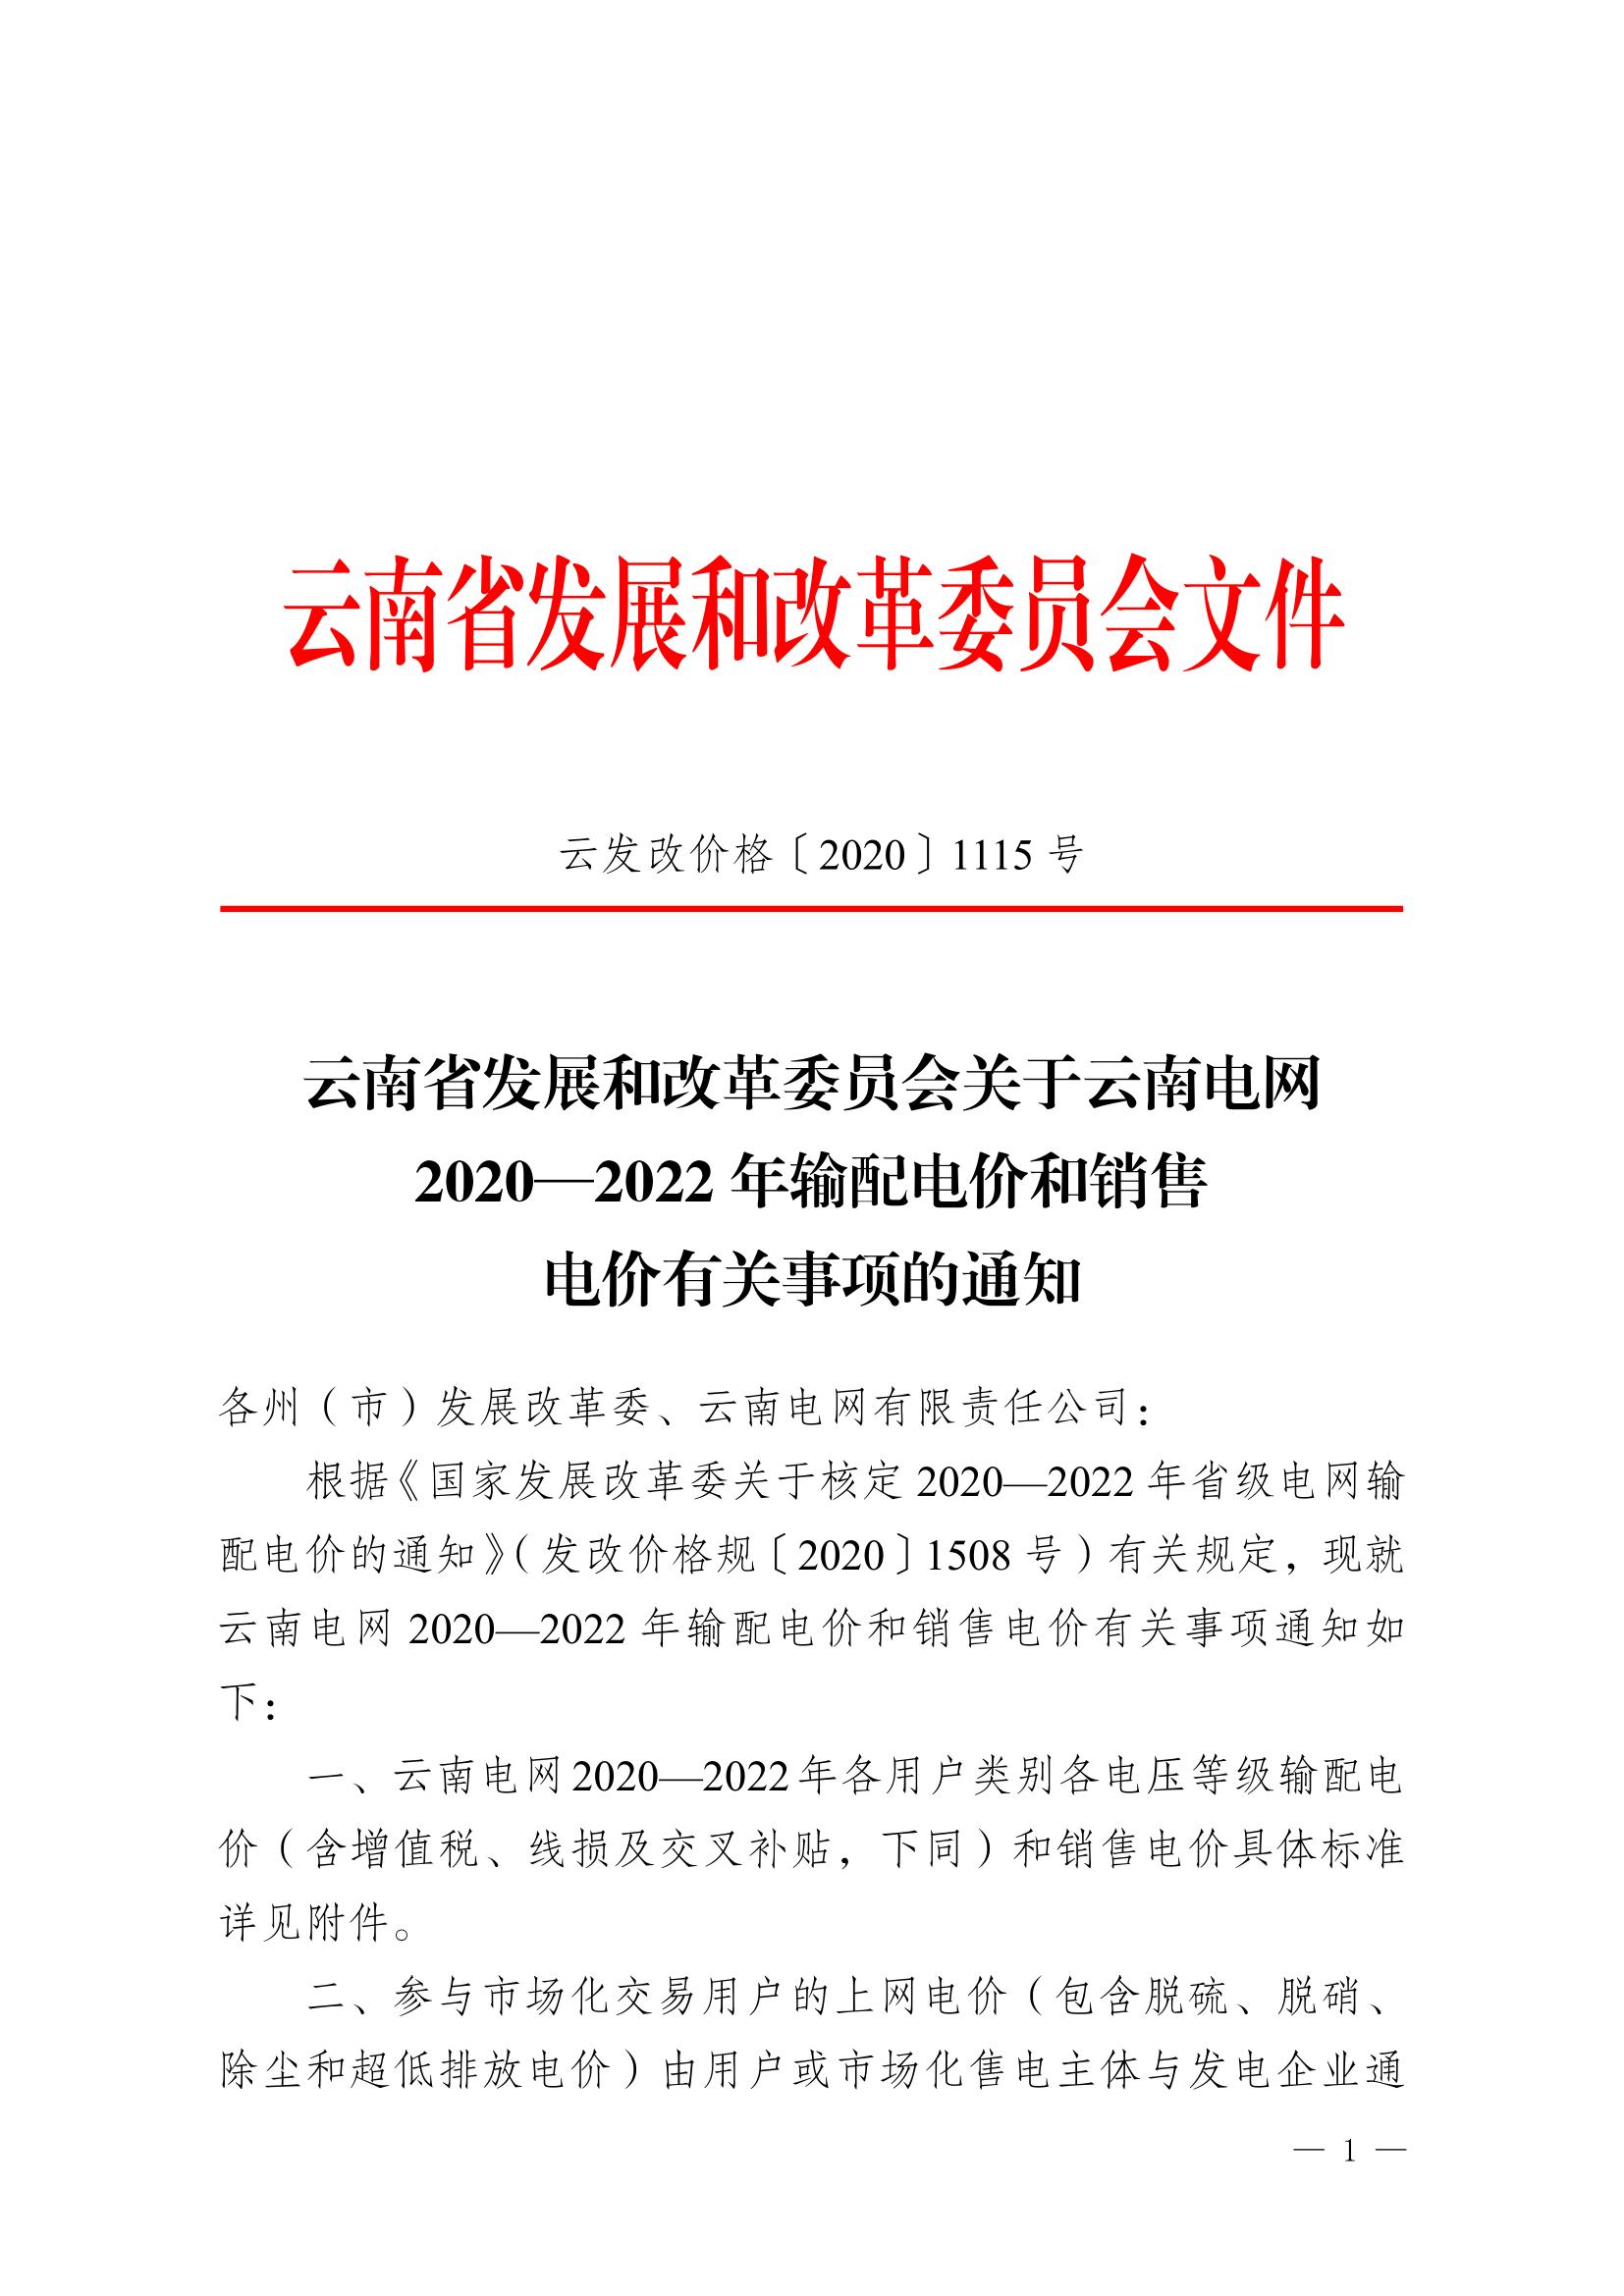 《云南省发展和改革委员会关于云南电网2020-2022年输配电价和销售电价有关事项的通知》(云发改物价〔2020〕1115号)_1.png